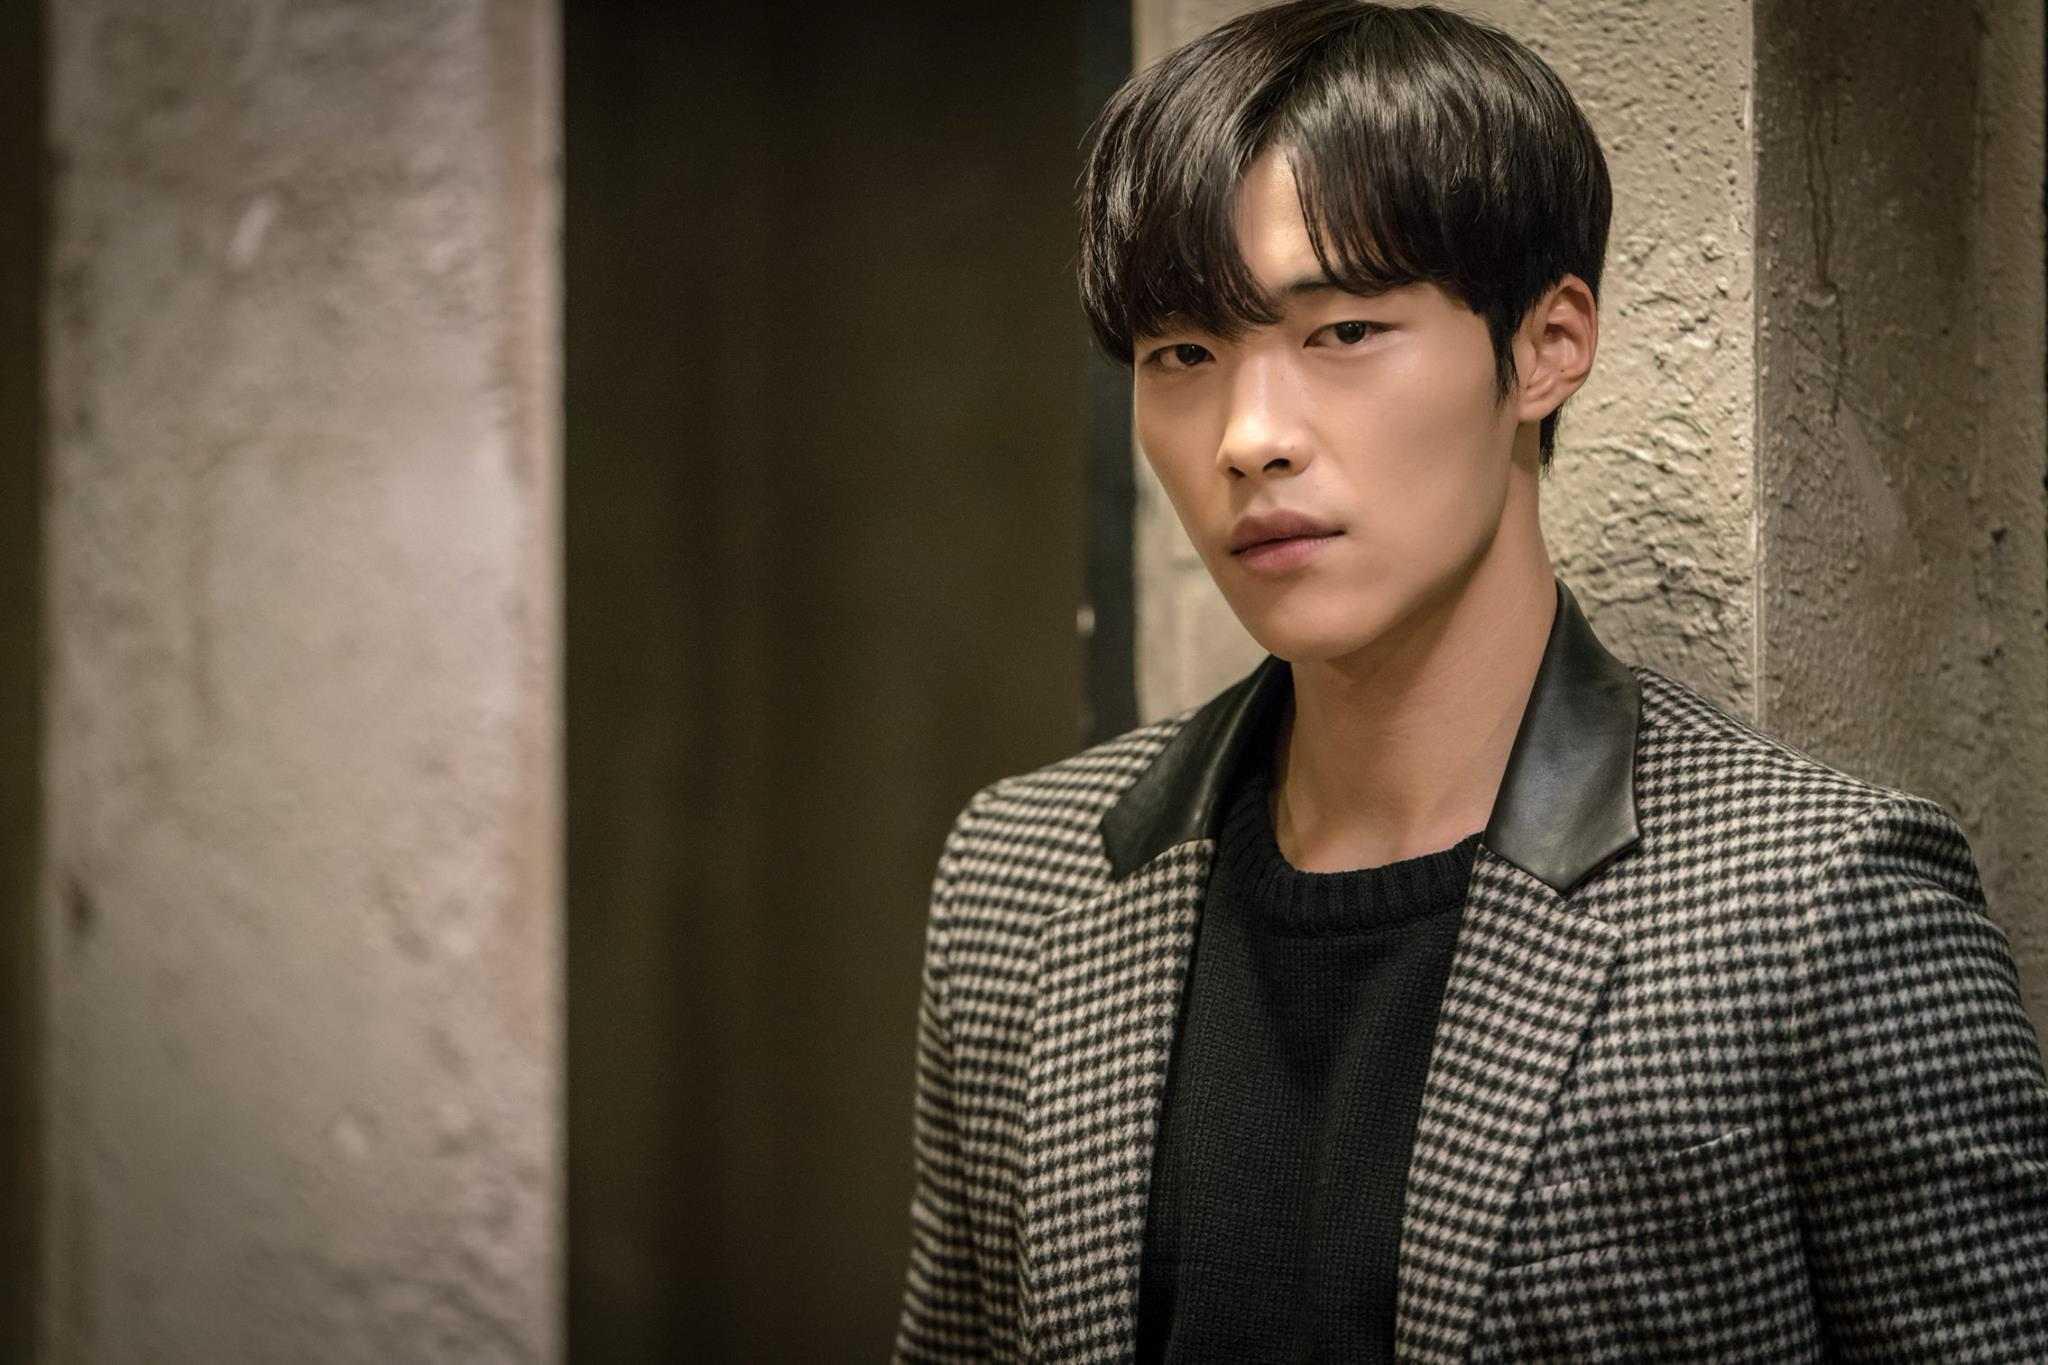 7、《Mad Dog》 * 首播日:10/11  * 收視率:6.2% ※此劇講述不同的保險犯罪案件,以揭露韓國社會真實現象的故事。